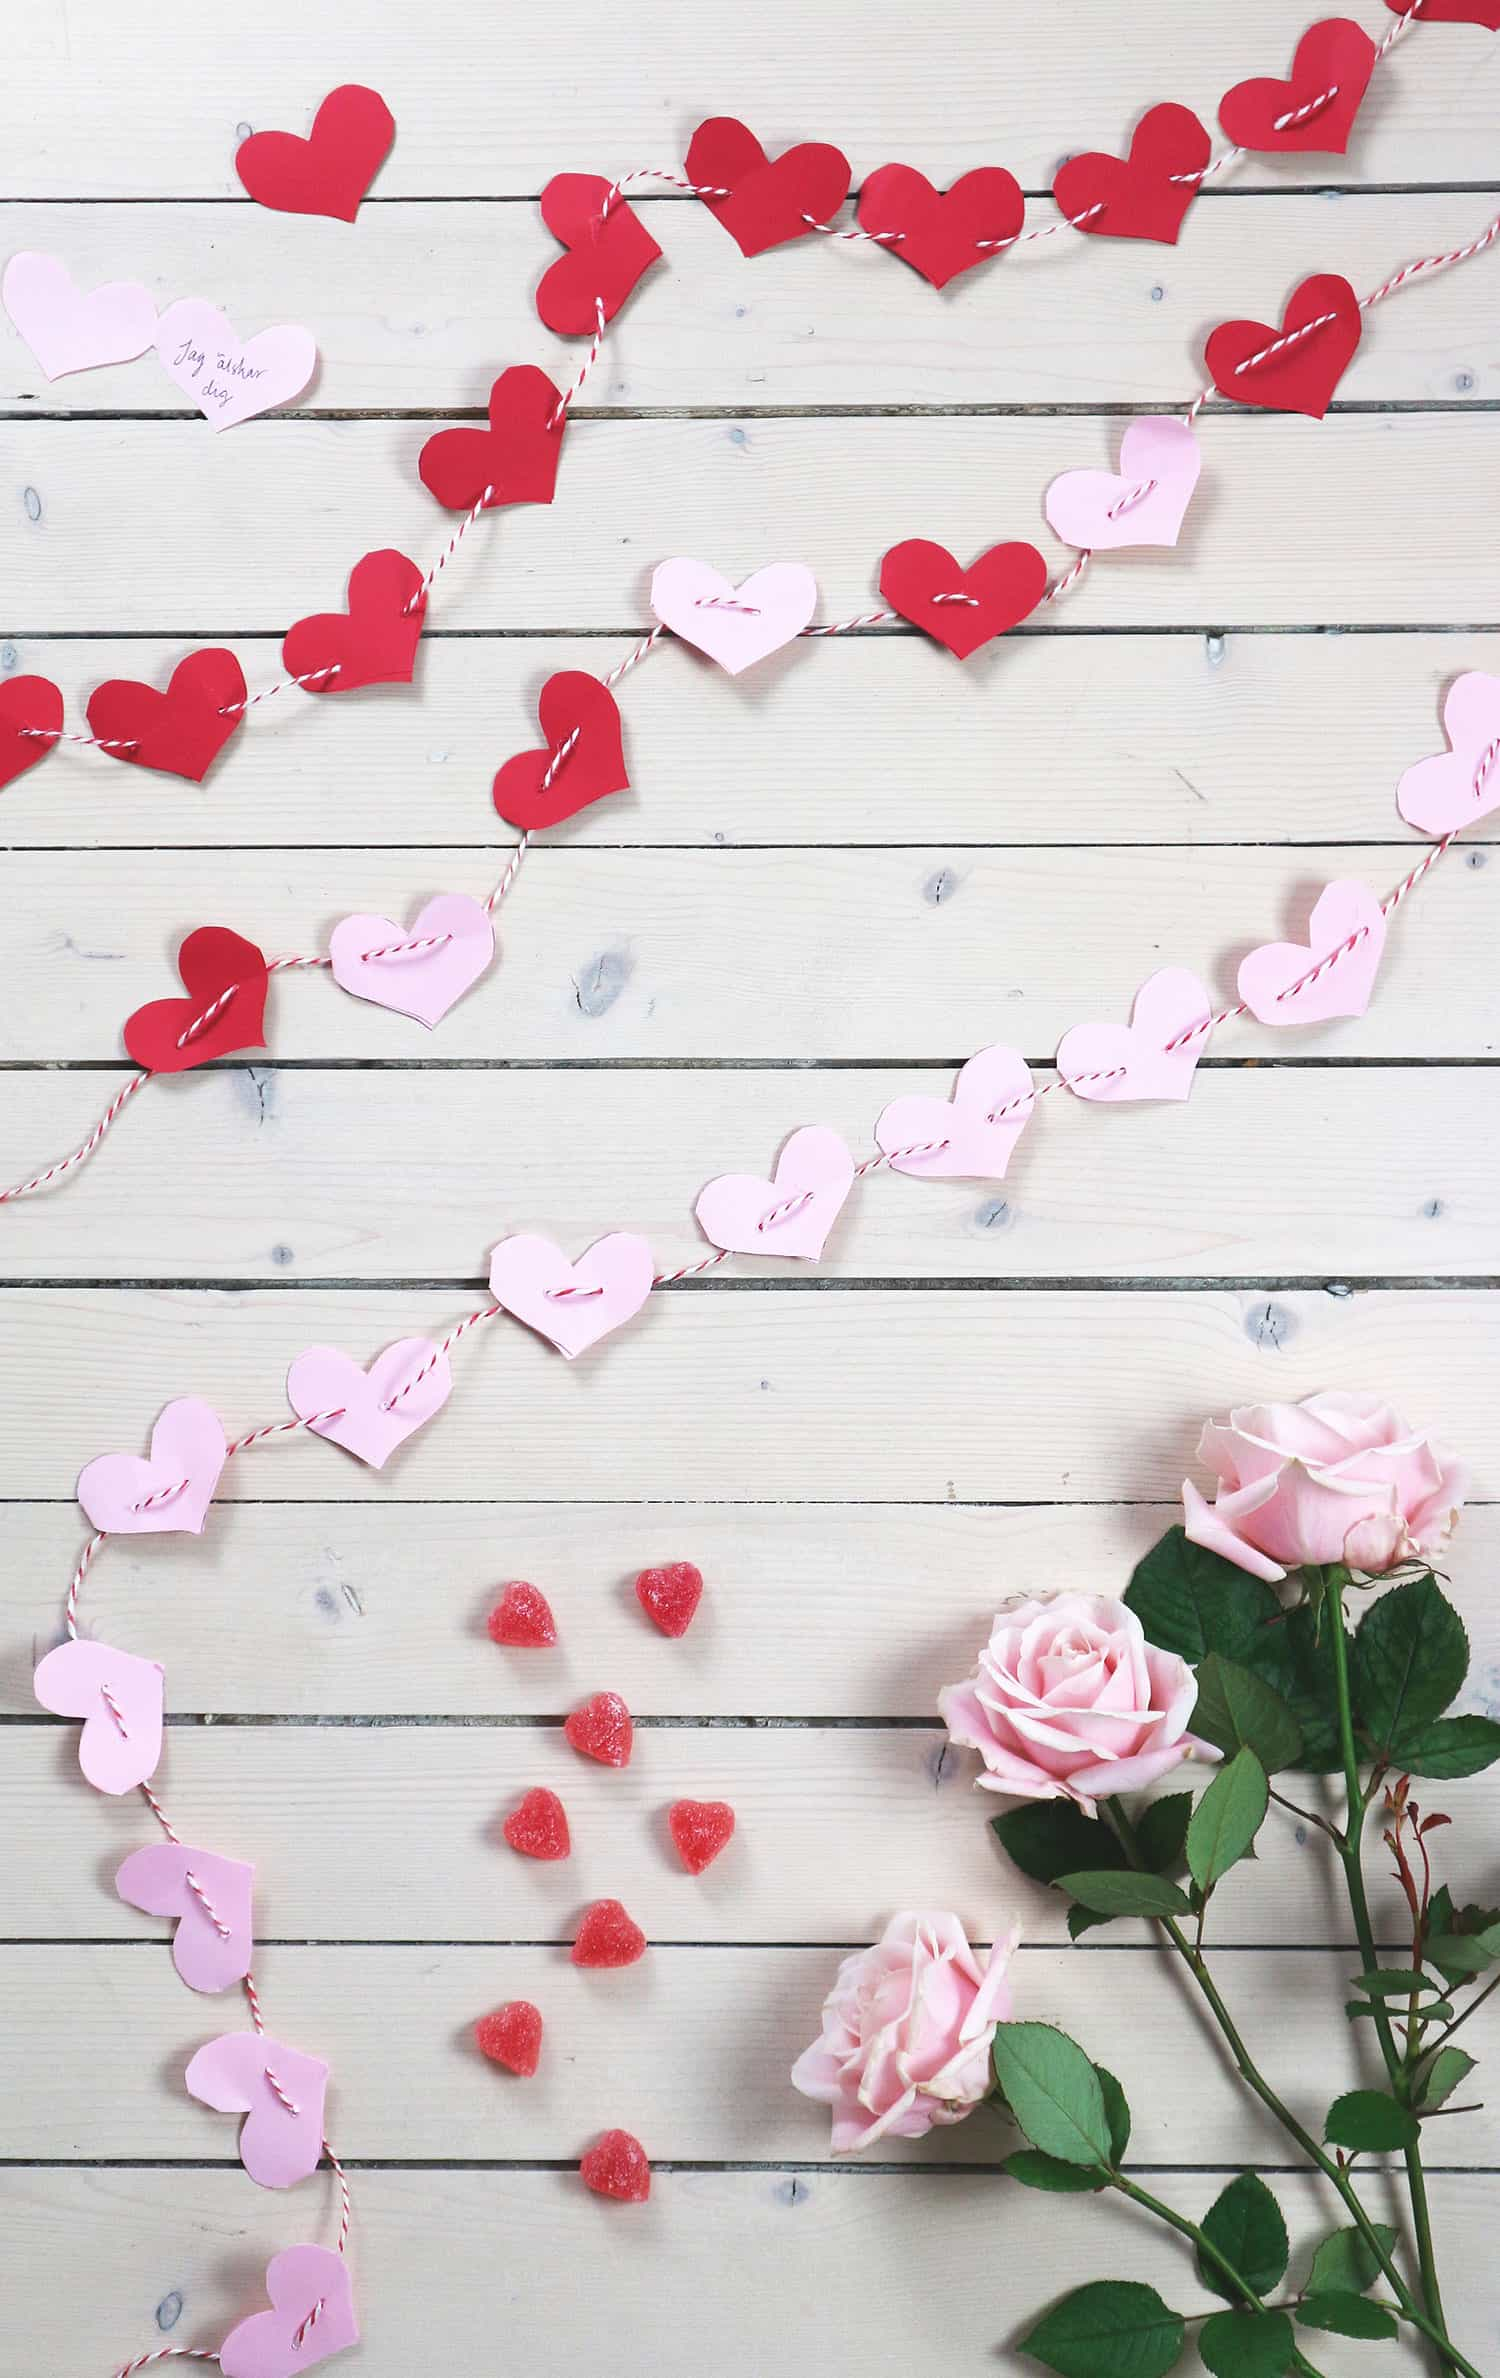 tavla alla hjärtans dag